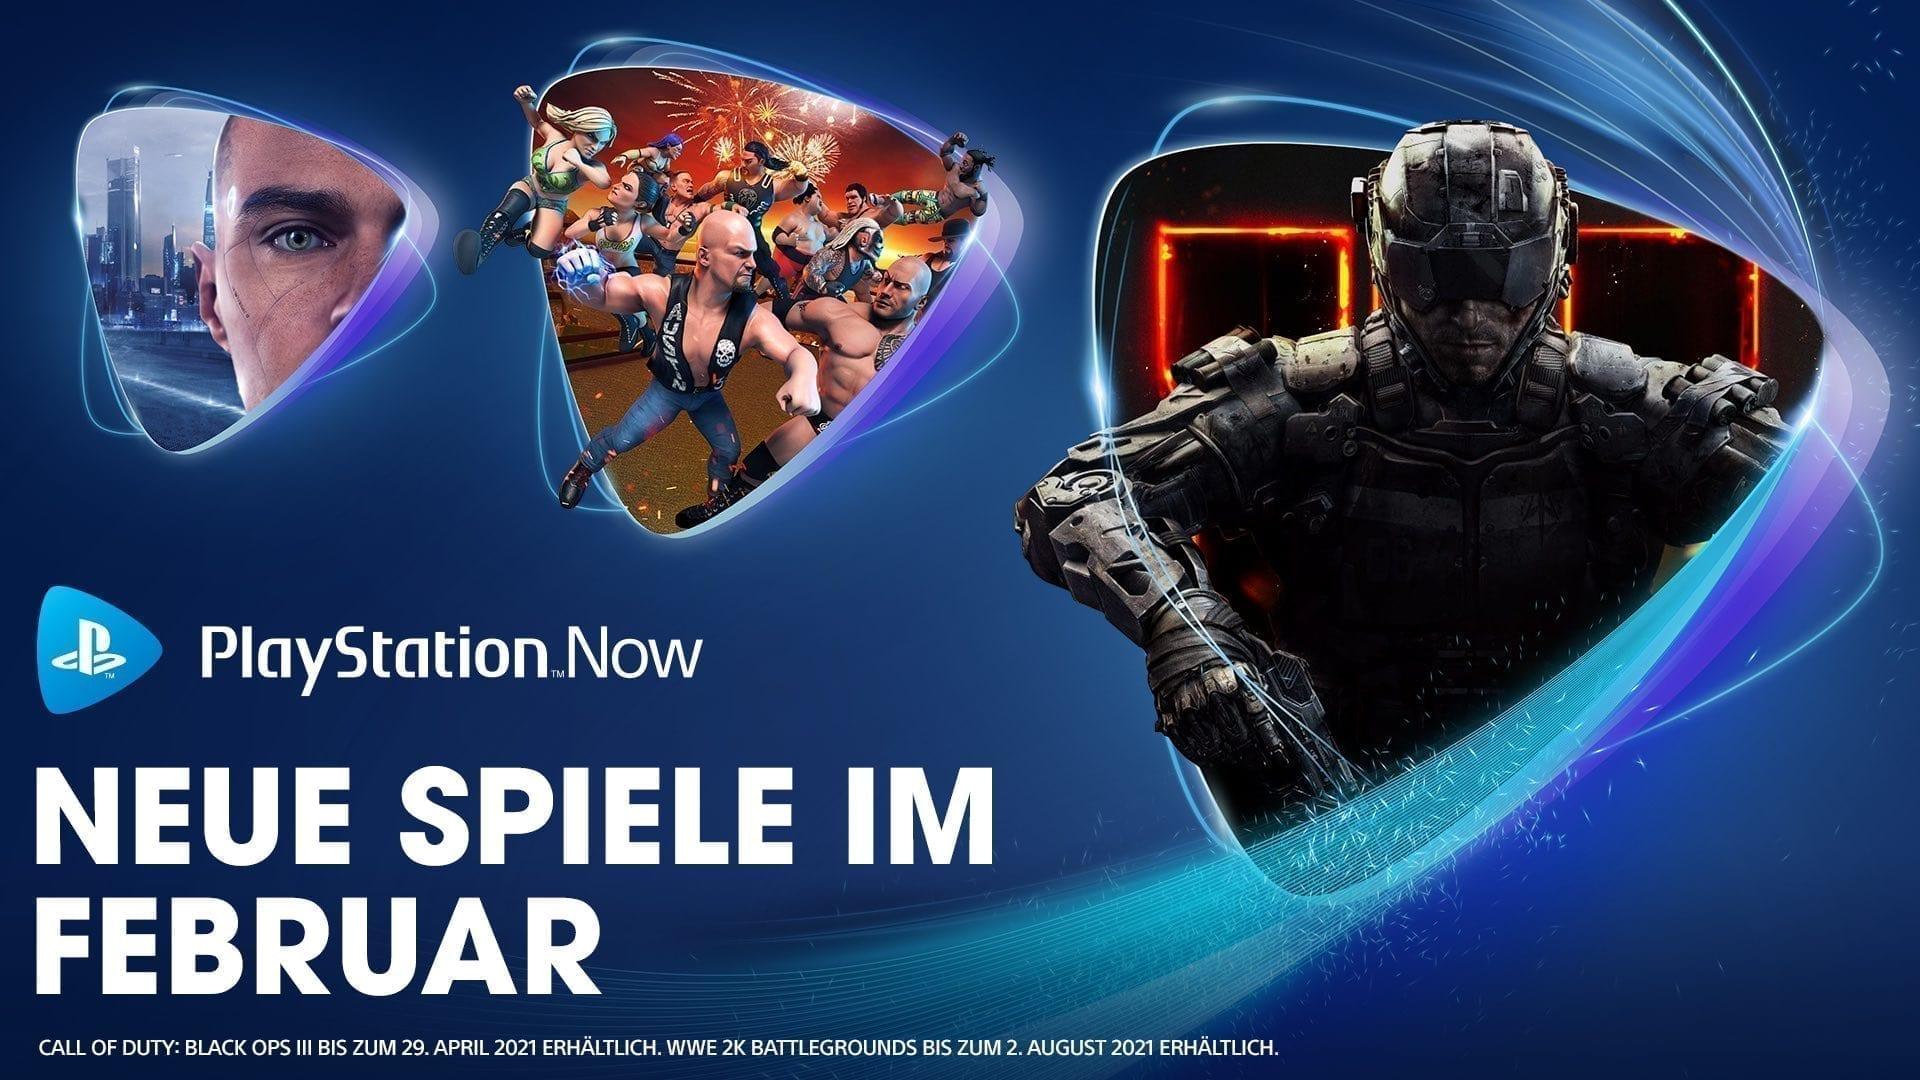 PlayStation Now Februar 2021